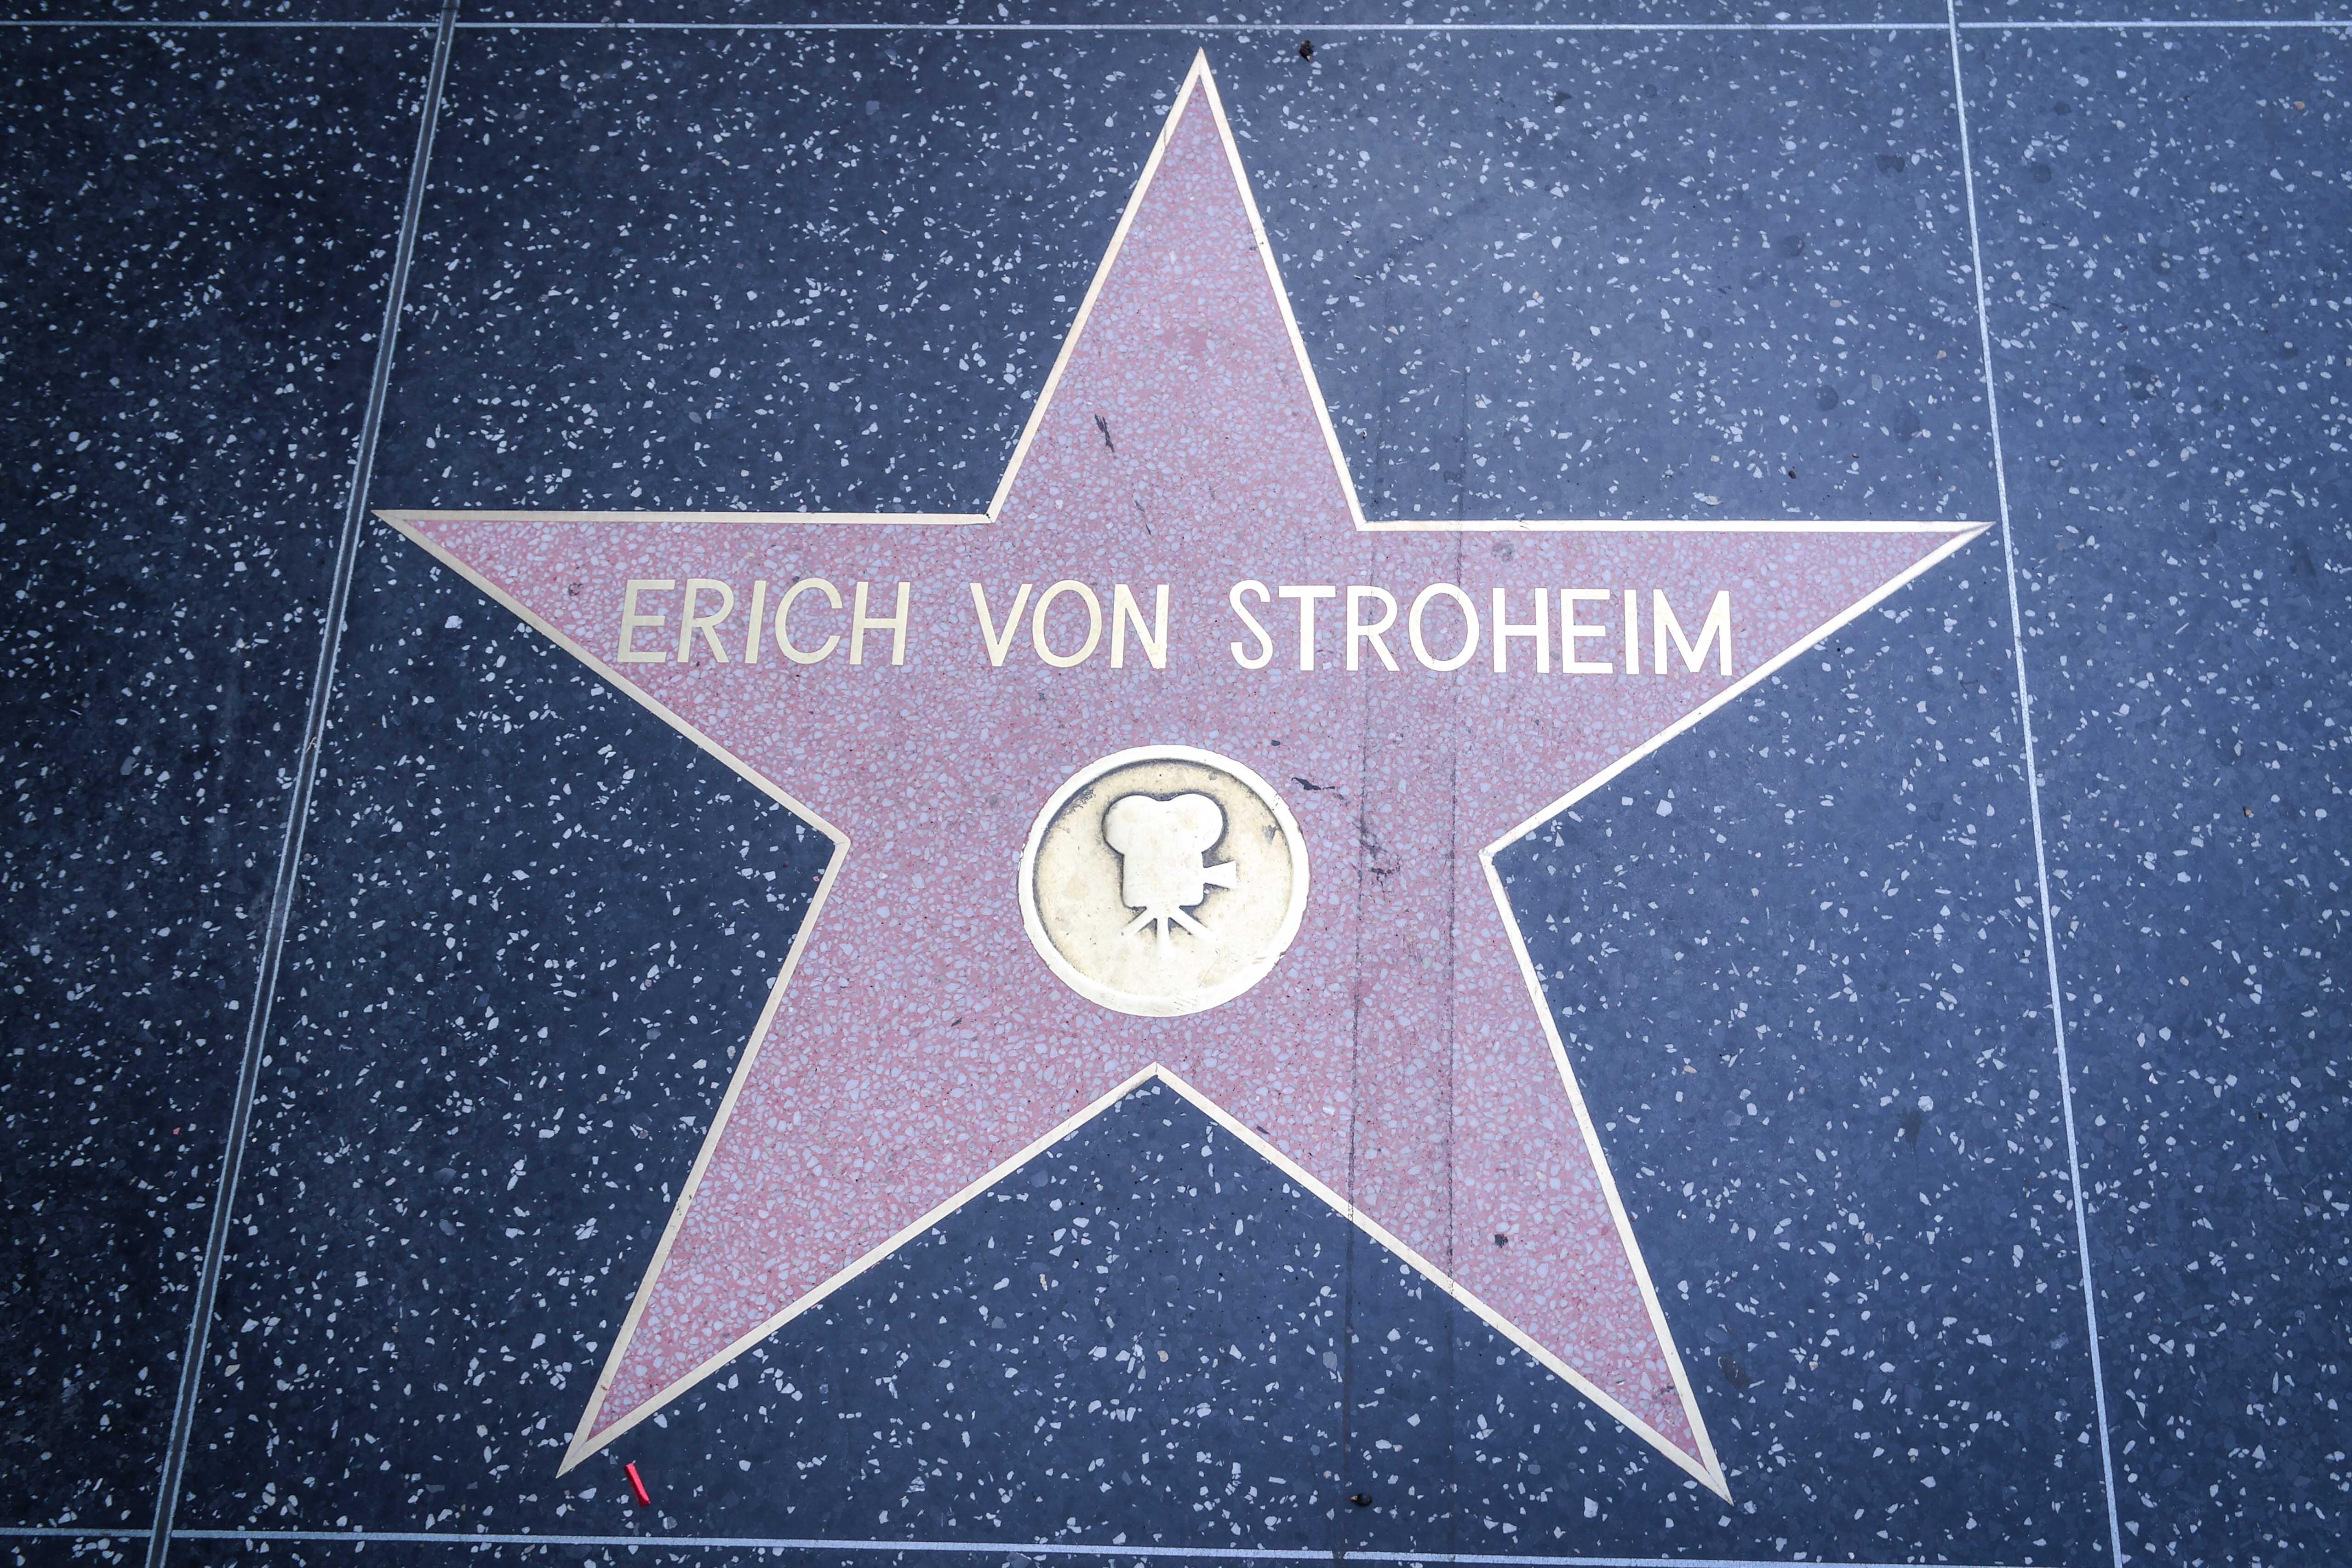 erich_von_stroheim_star.jpg